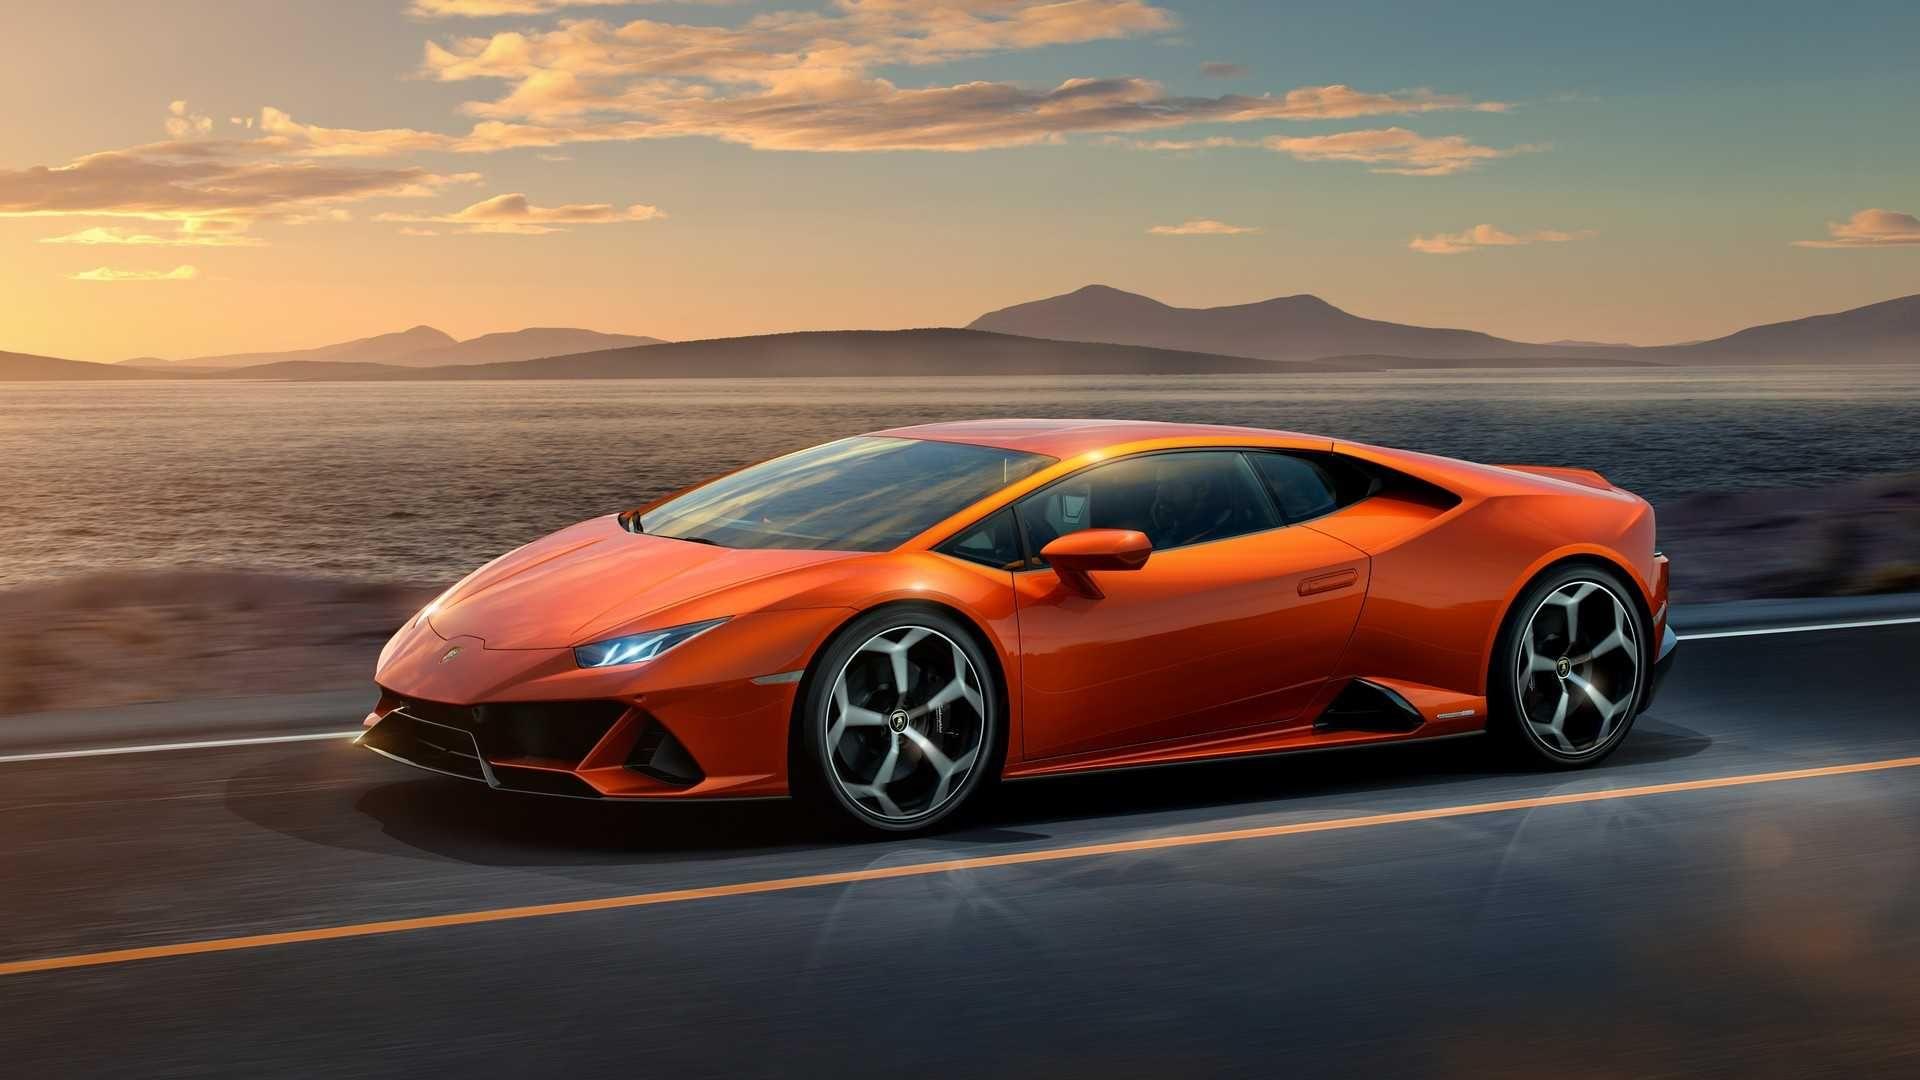 New Lamborghini Huracan Evo Supercar Lamborghini Huracan Sports Car Super Cars